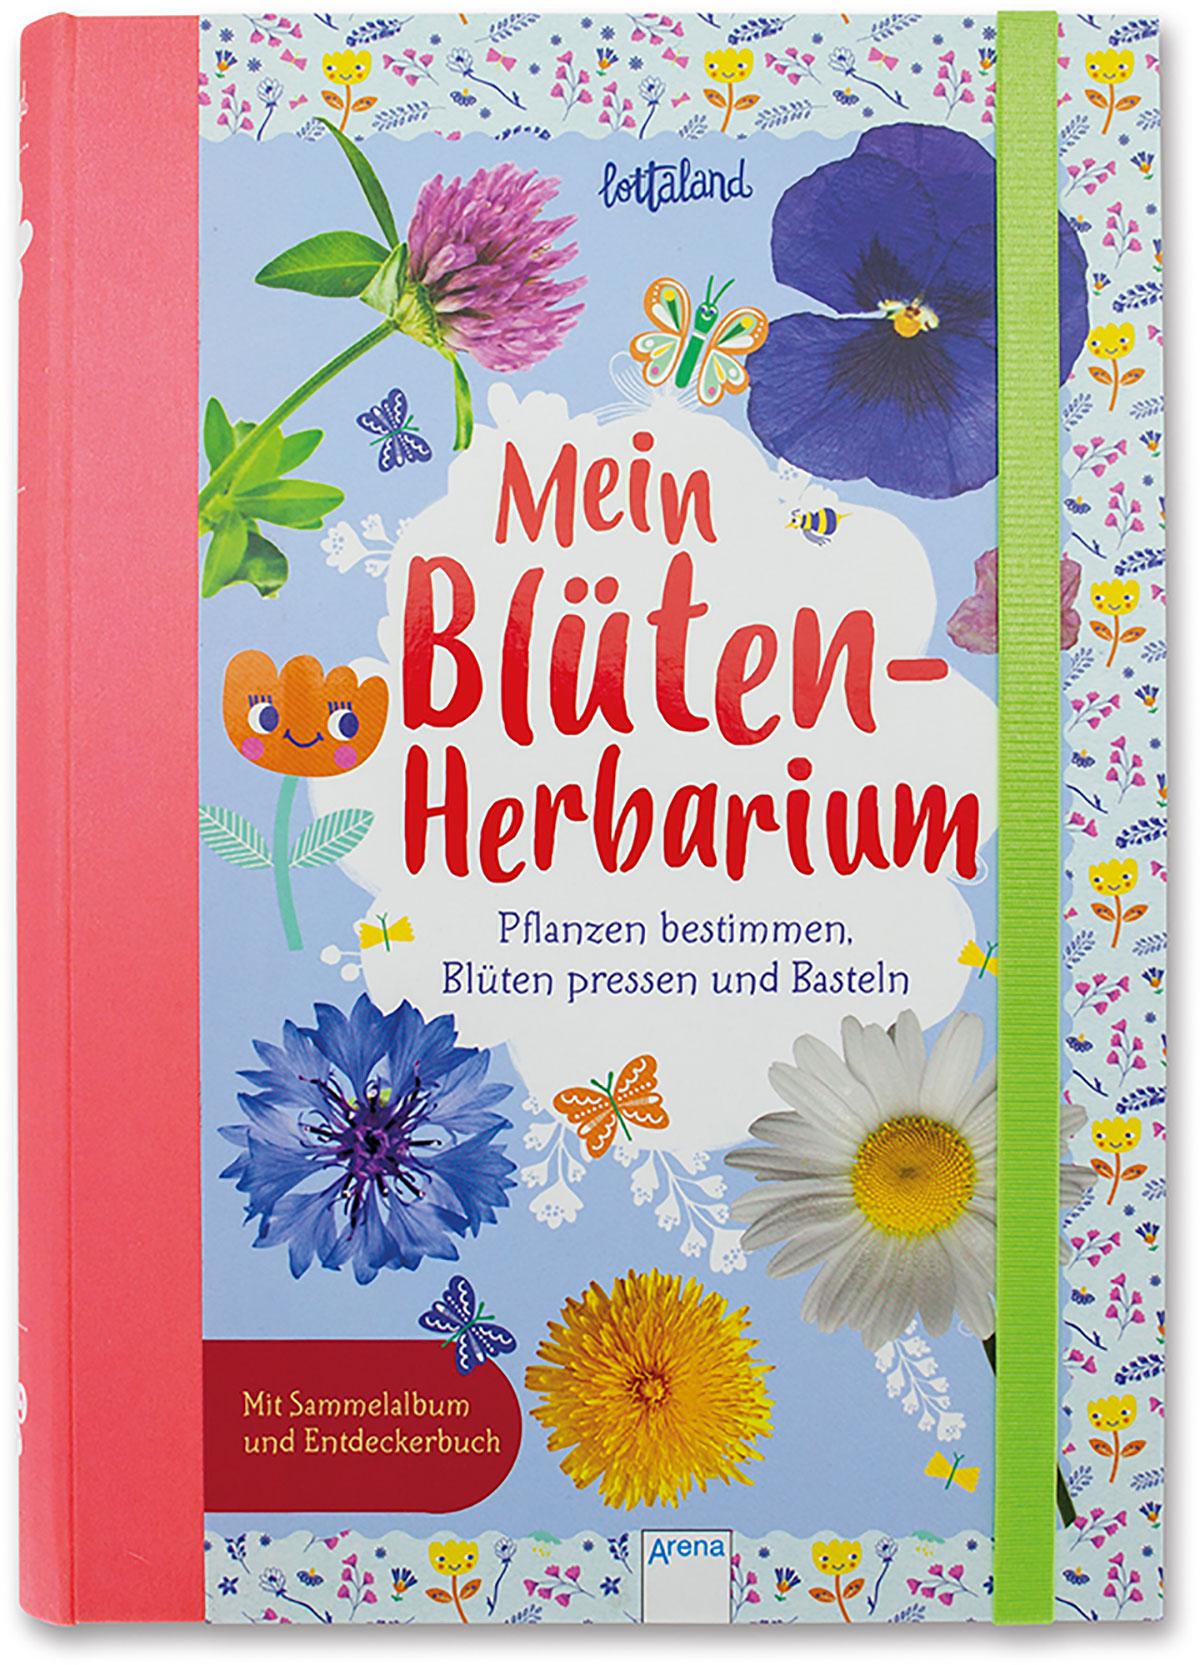 »Mein Blüten-Herbarium« - Arena